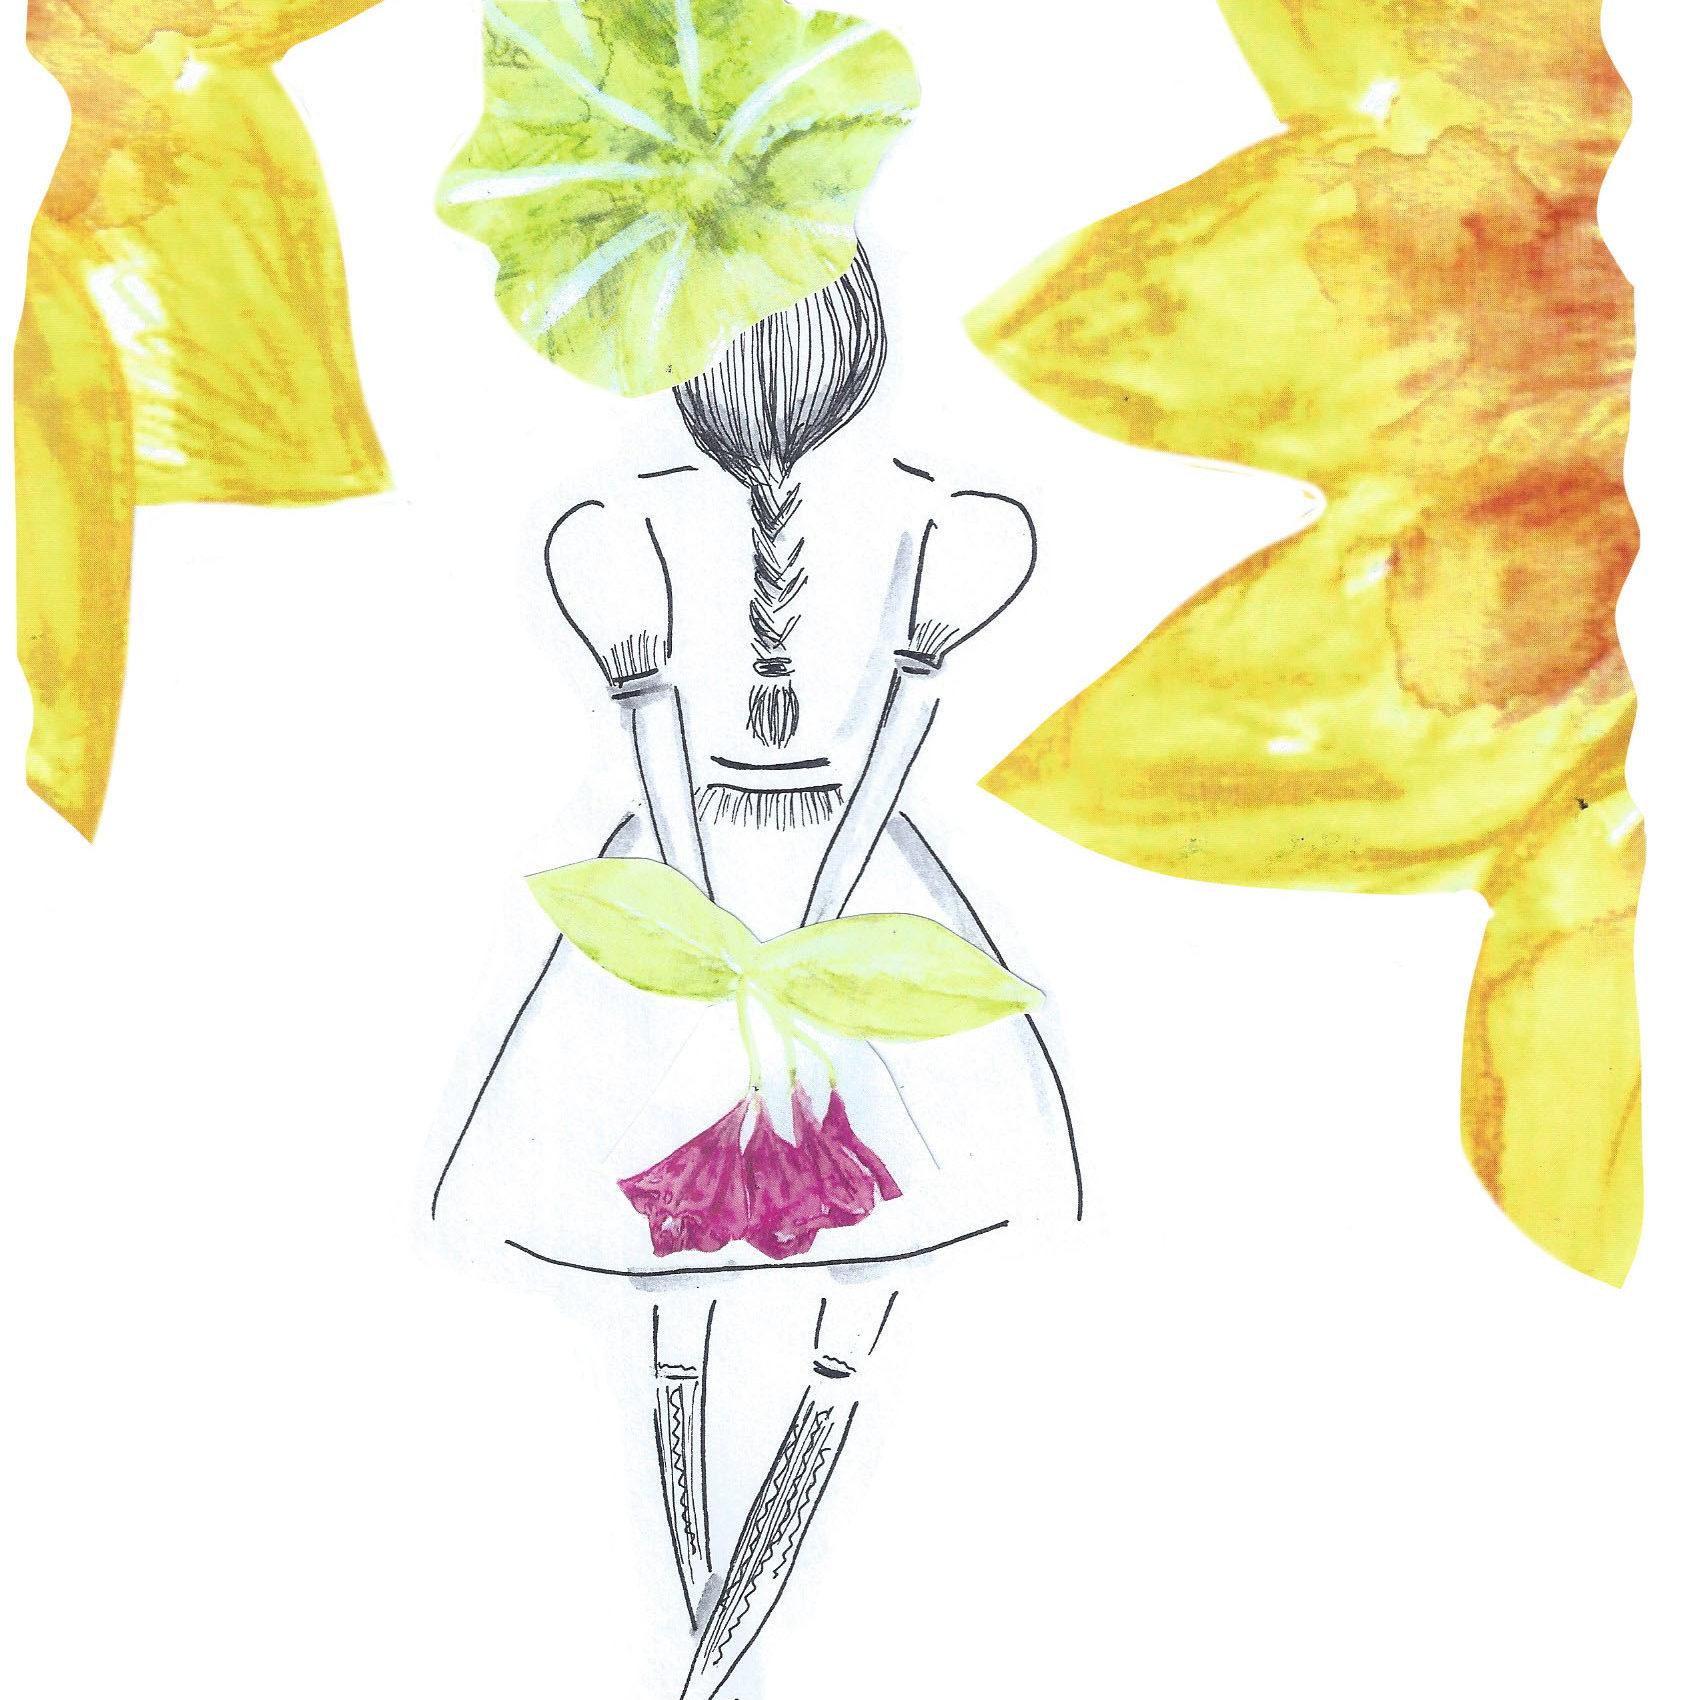 handgemacht-slowfashion-handwerk-natur-biologisch-nachhaltig-madeinaustria-shoplocal-lalivontriulzi-lali-upycling-lieblingsstueck-Tasche-Tracht-Blume